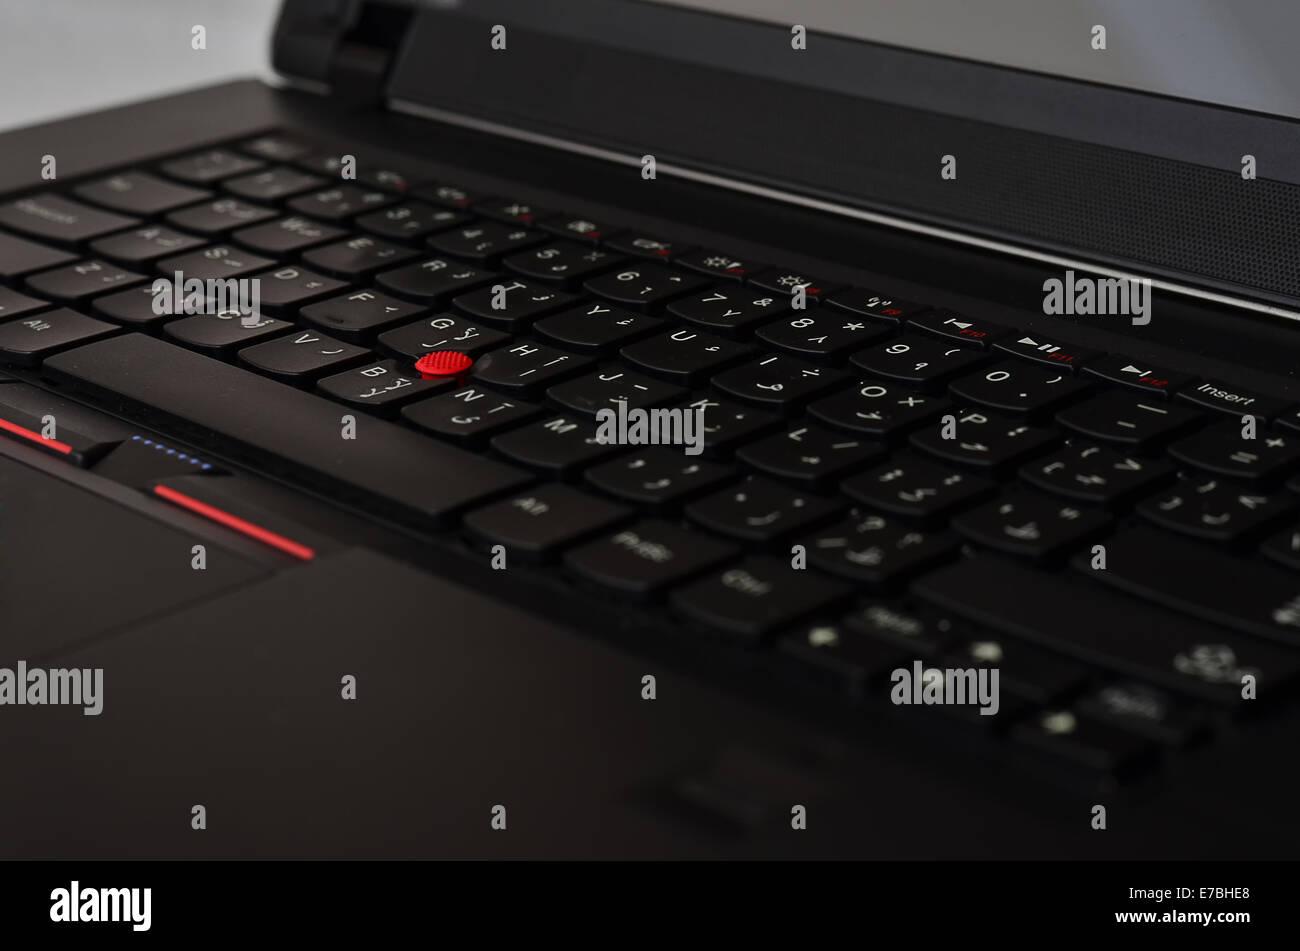 Nero tastiera portatile con red track ball Immagini Stock